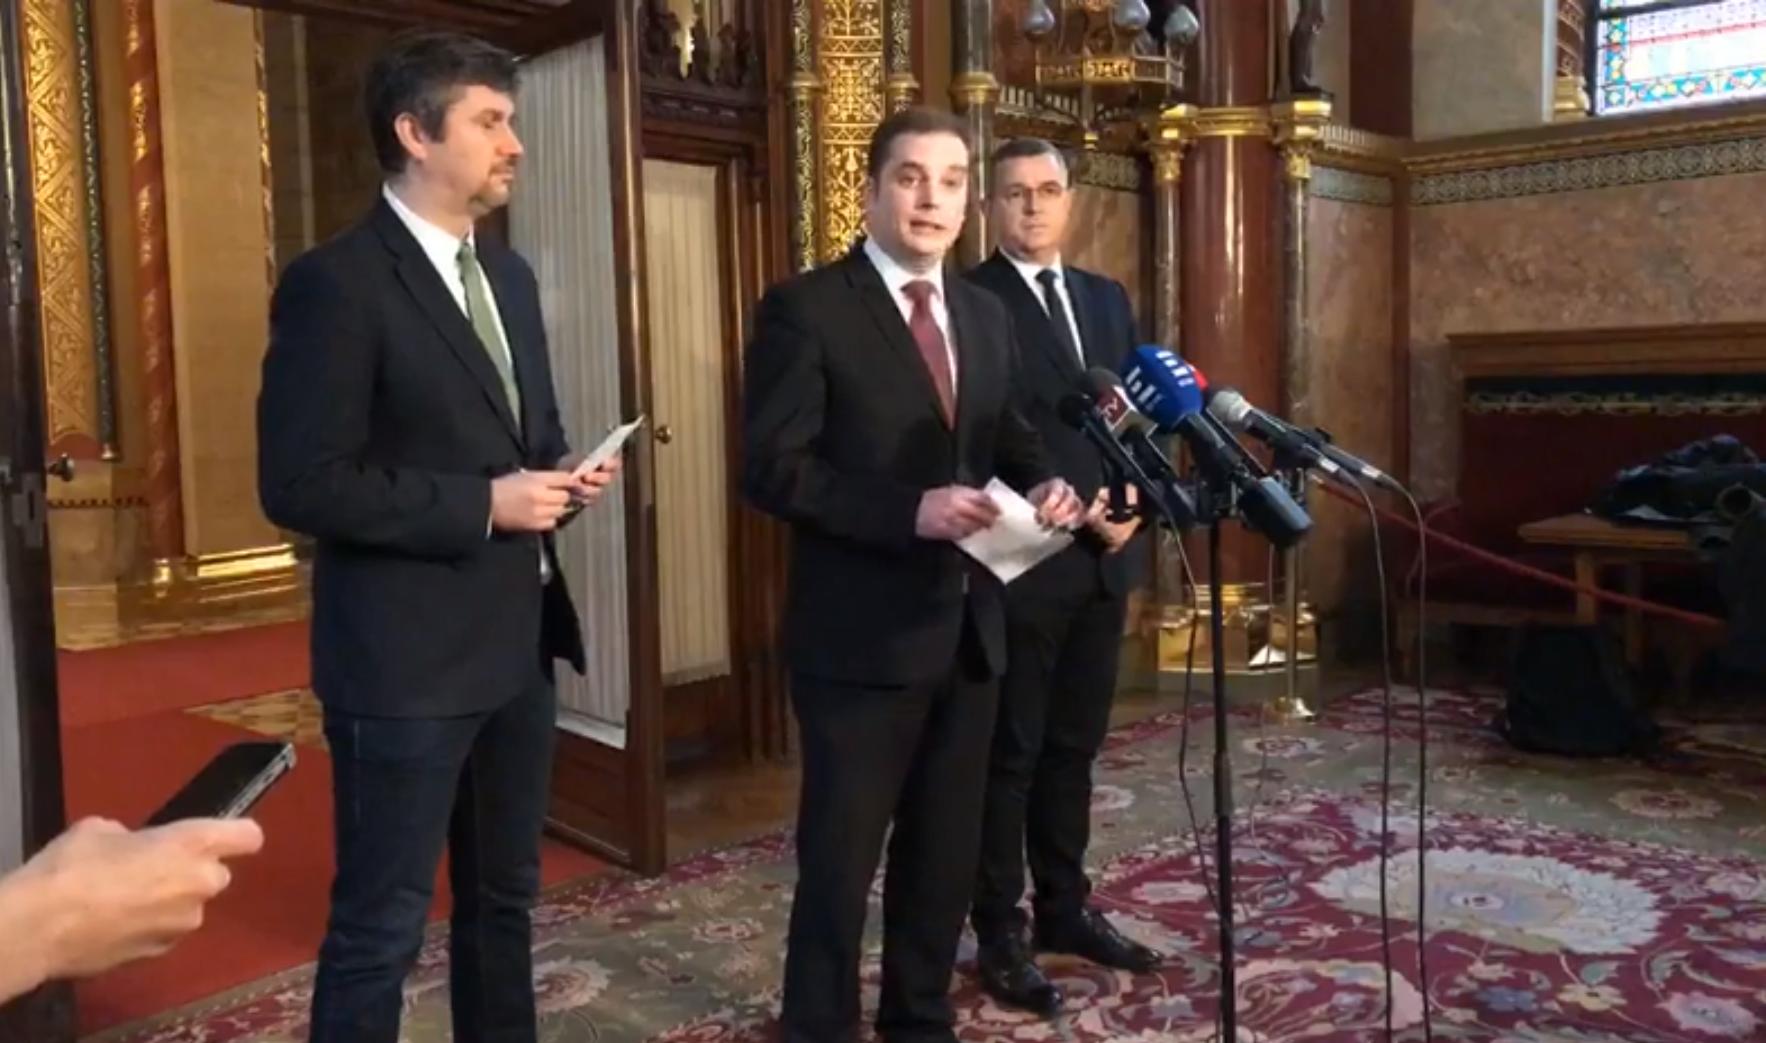 Az Elios-ügy feltárására közös alternatív parlamenti vizsgálóbizottságot hozott létre az LMP, a Jobbik és az MSZP